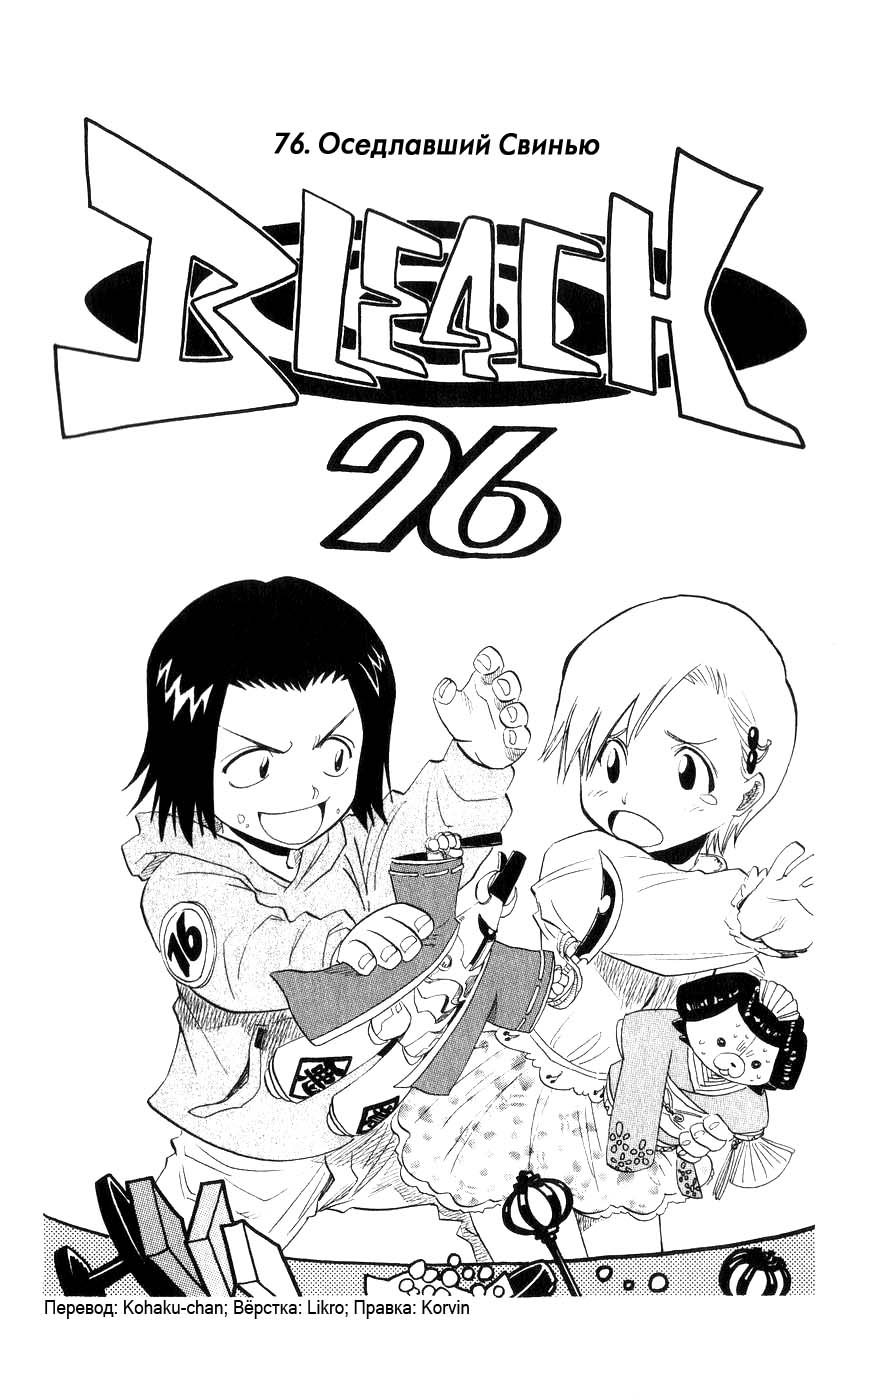 Манга Bleach / Блич Манга Bleach Глава # 76 - Оседлавший свинью, страница 1